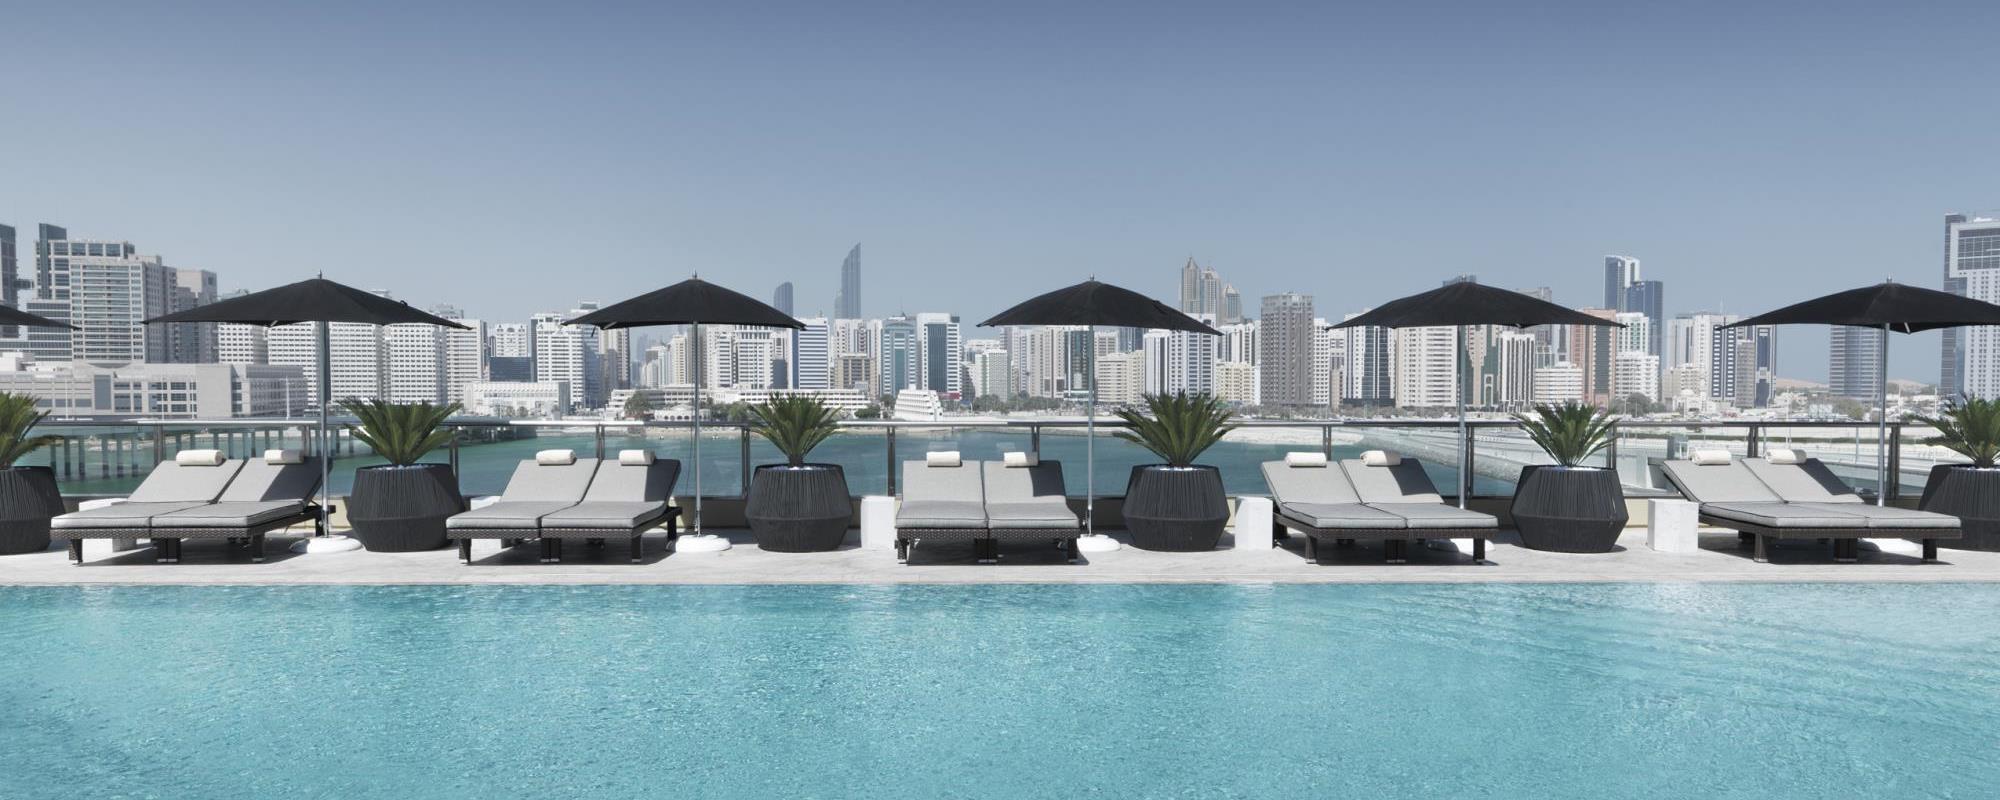 Popolari siti di incontri in UAE